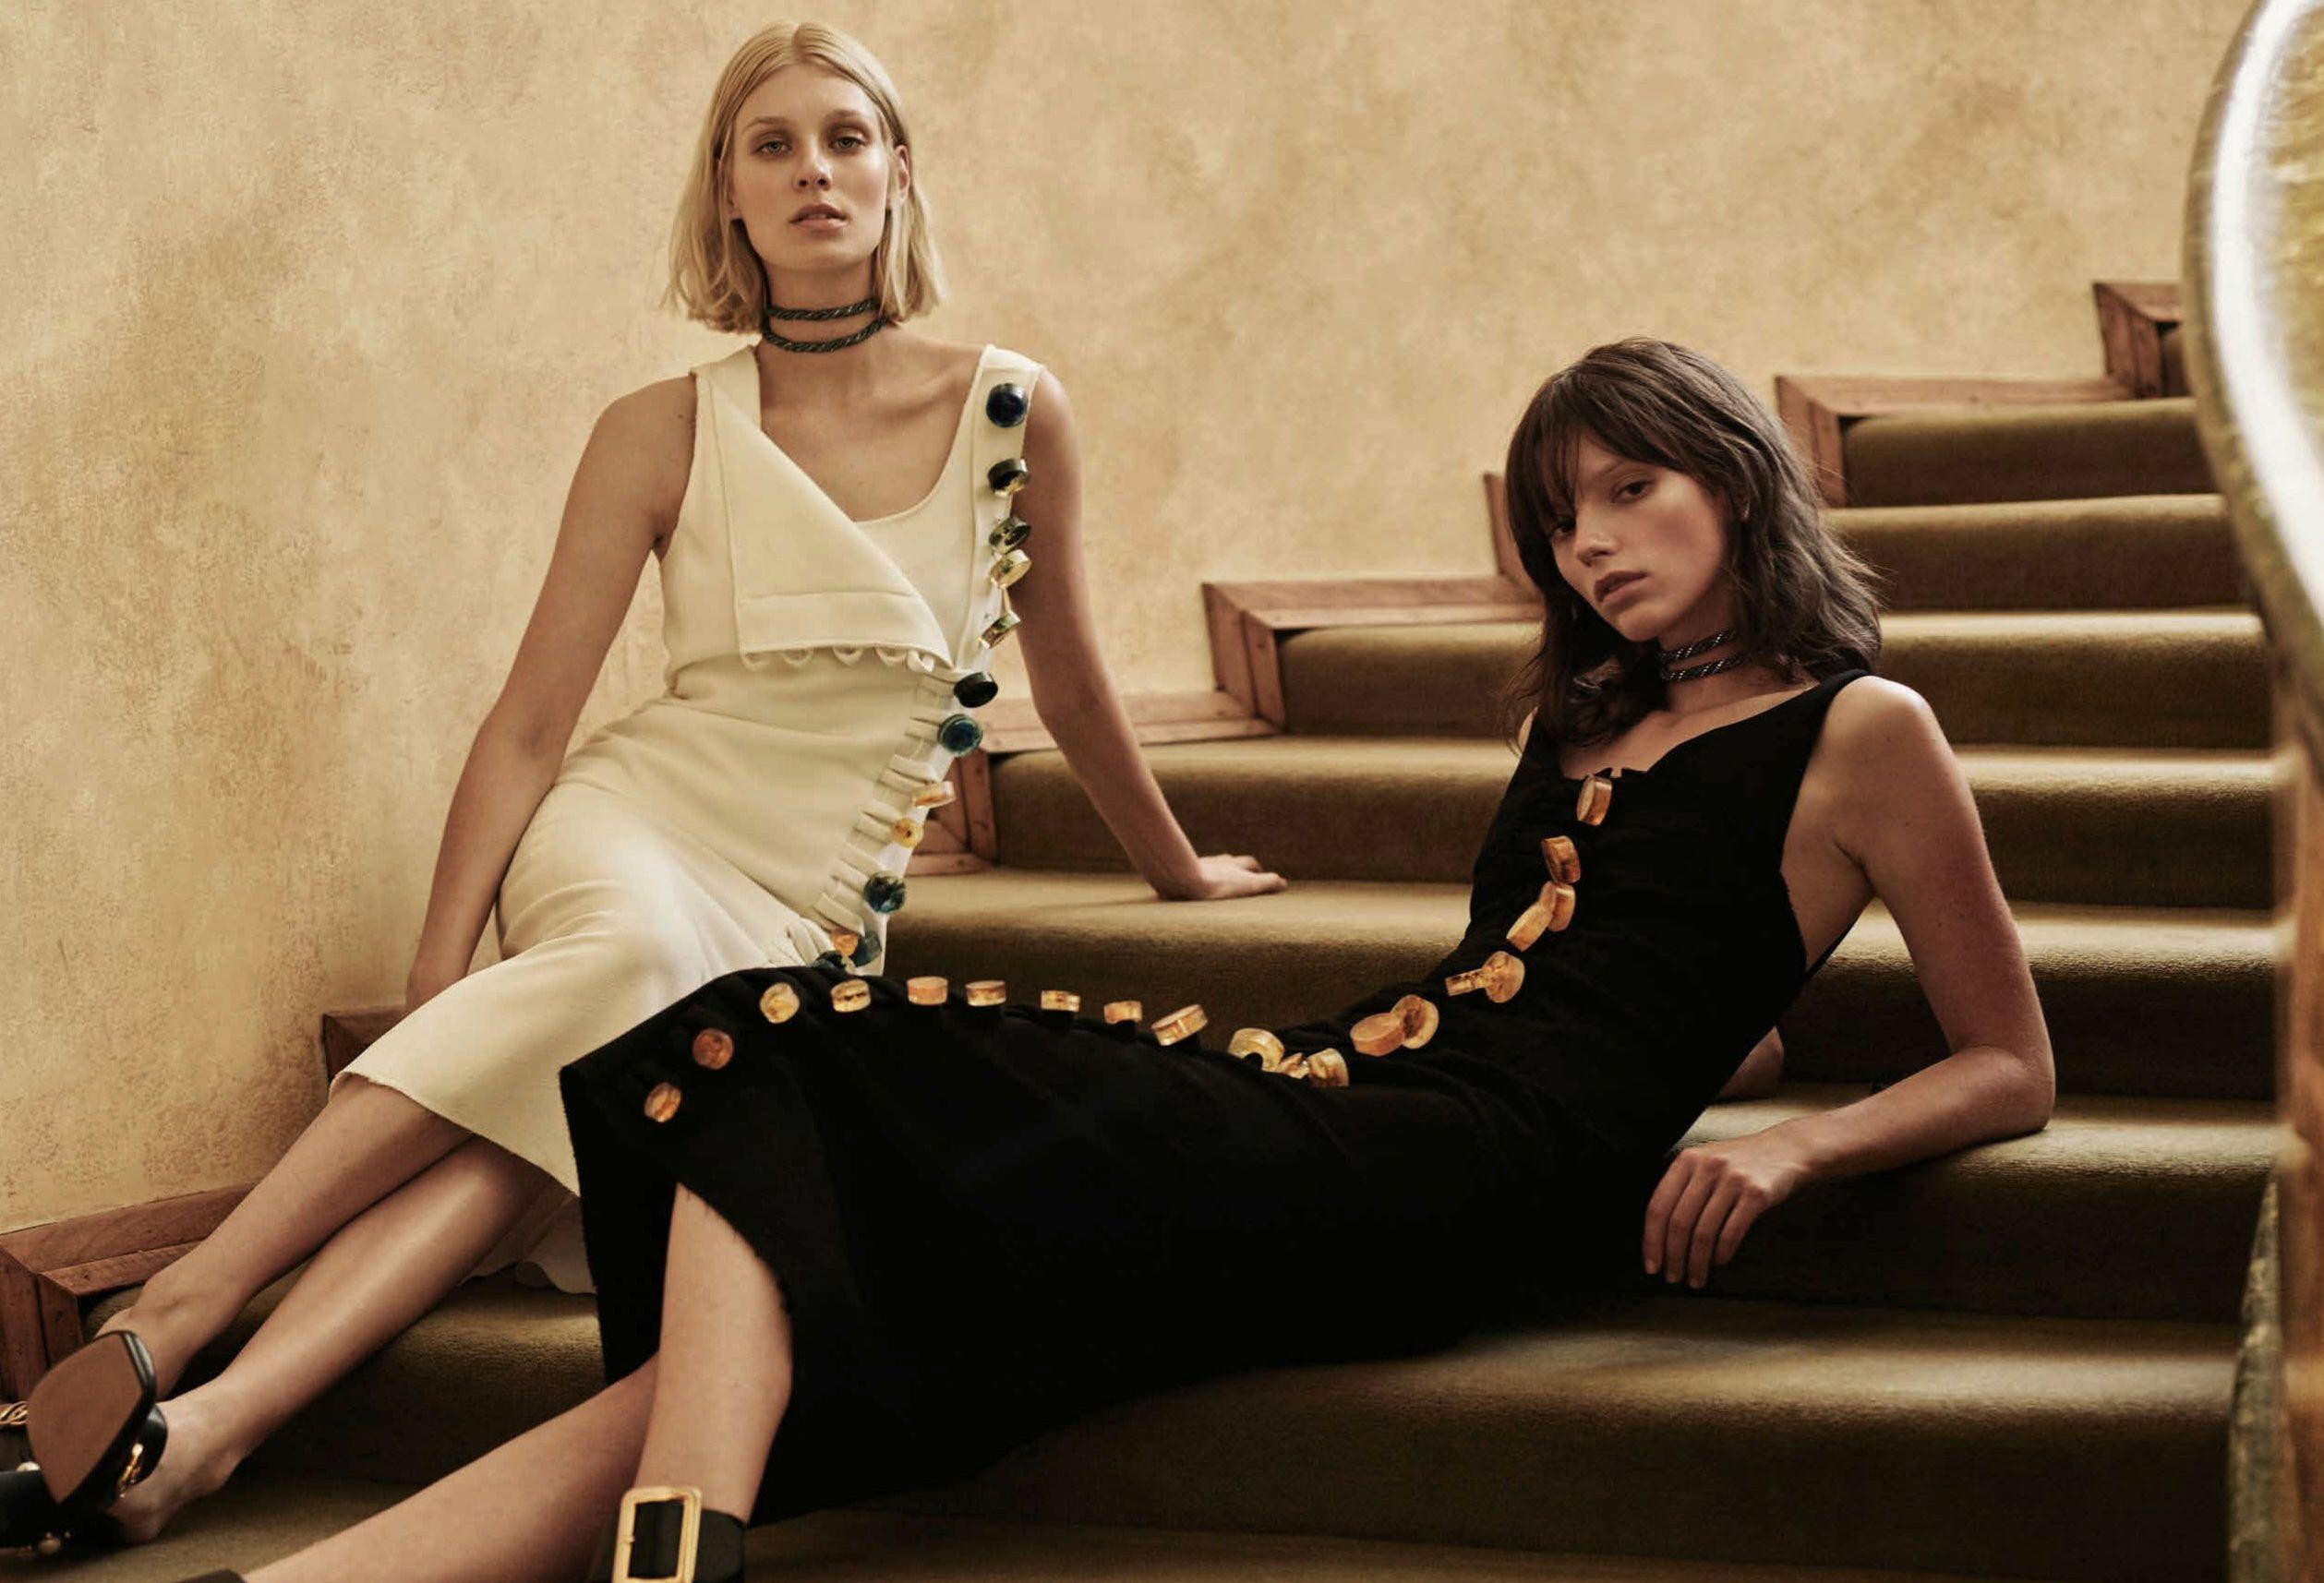 Katie Braatvedt, Freya Sombroek, Emilia Senko by Jake Terrey for Harper's Bazaar Australia April 2016 6